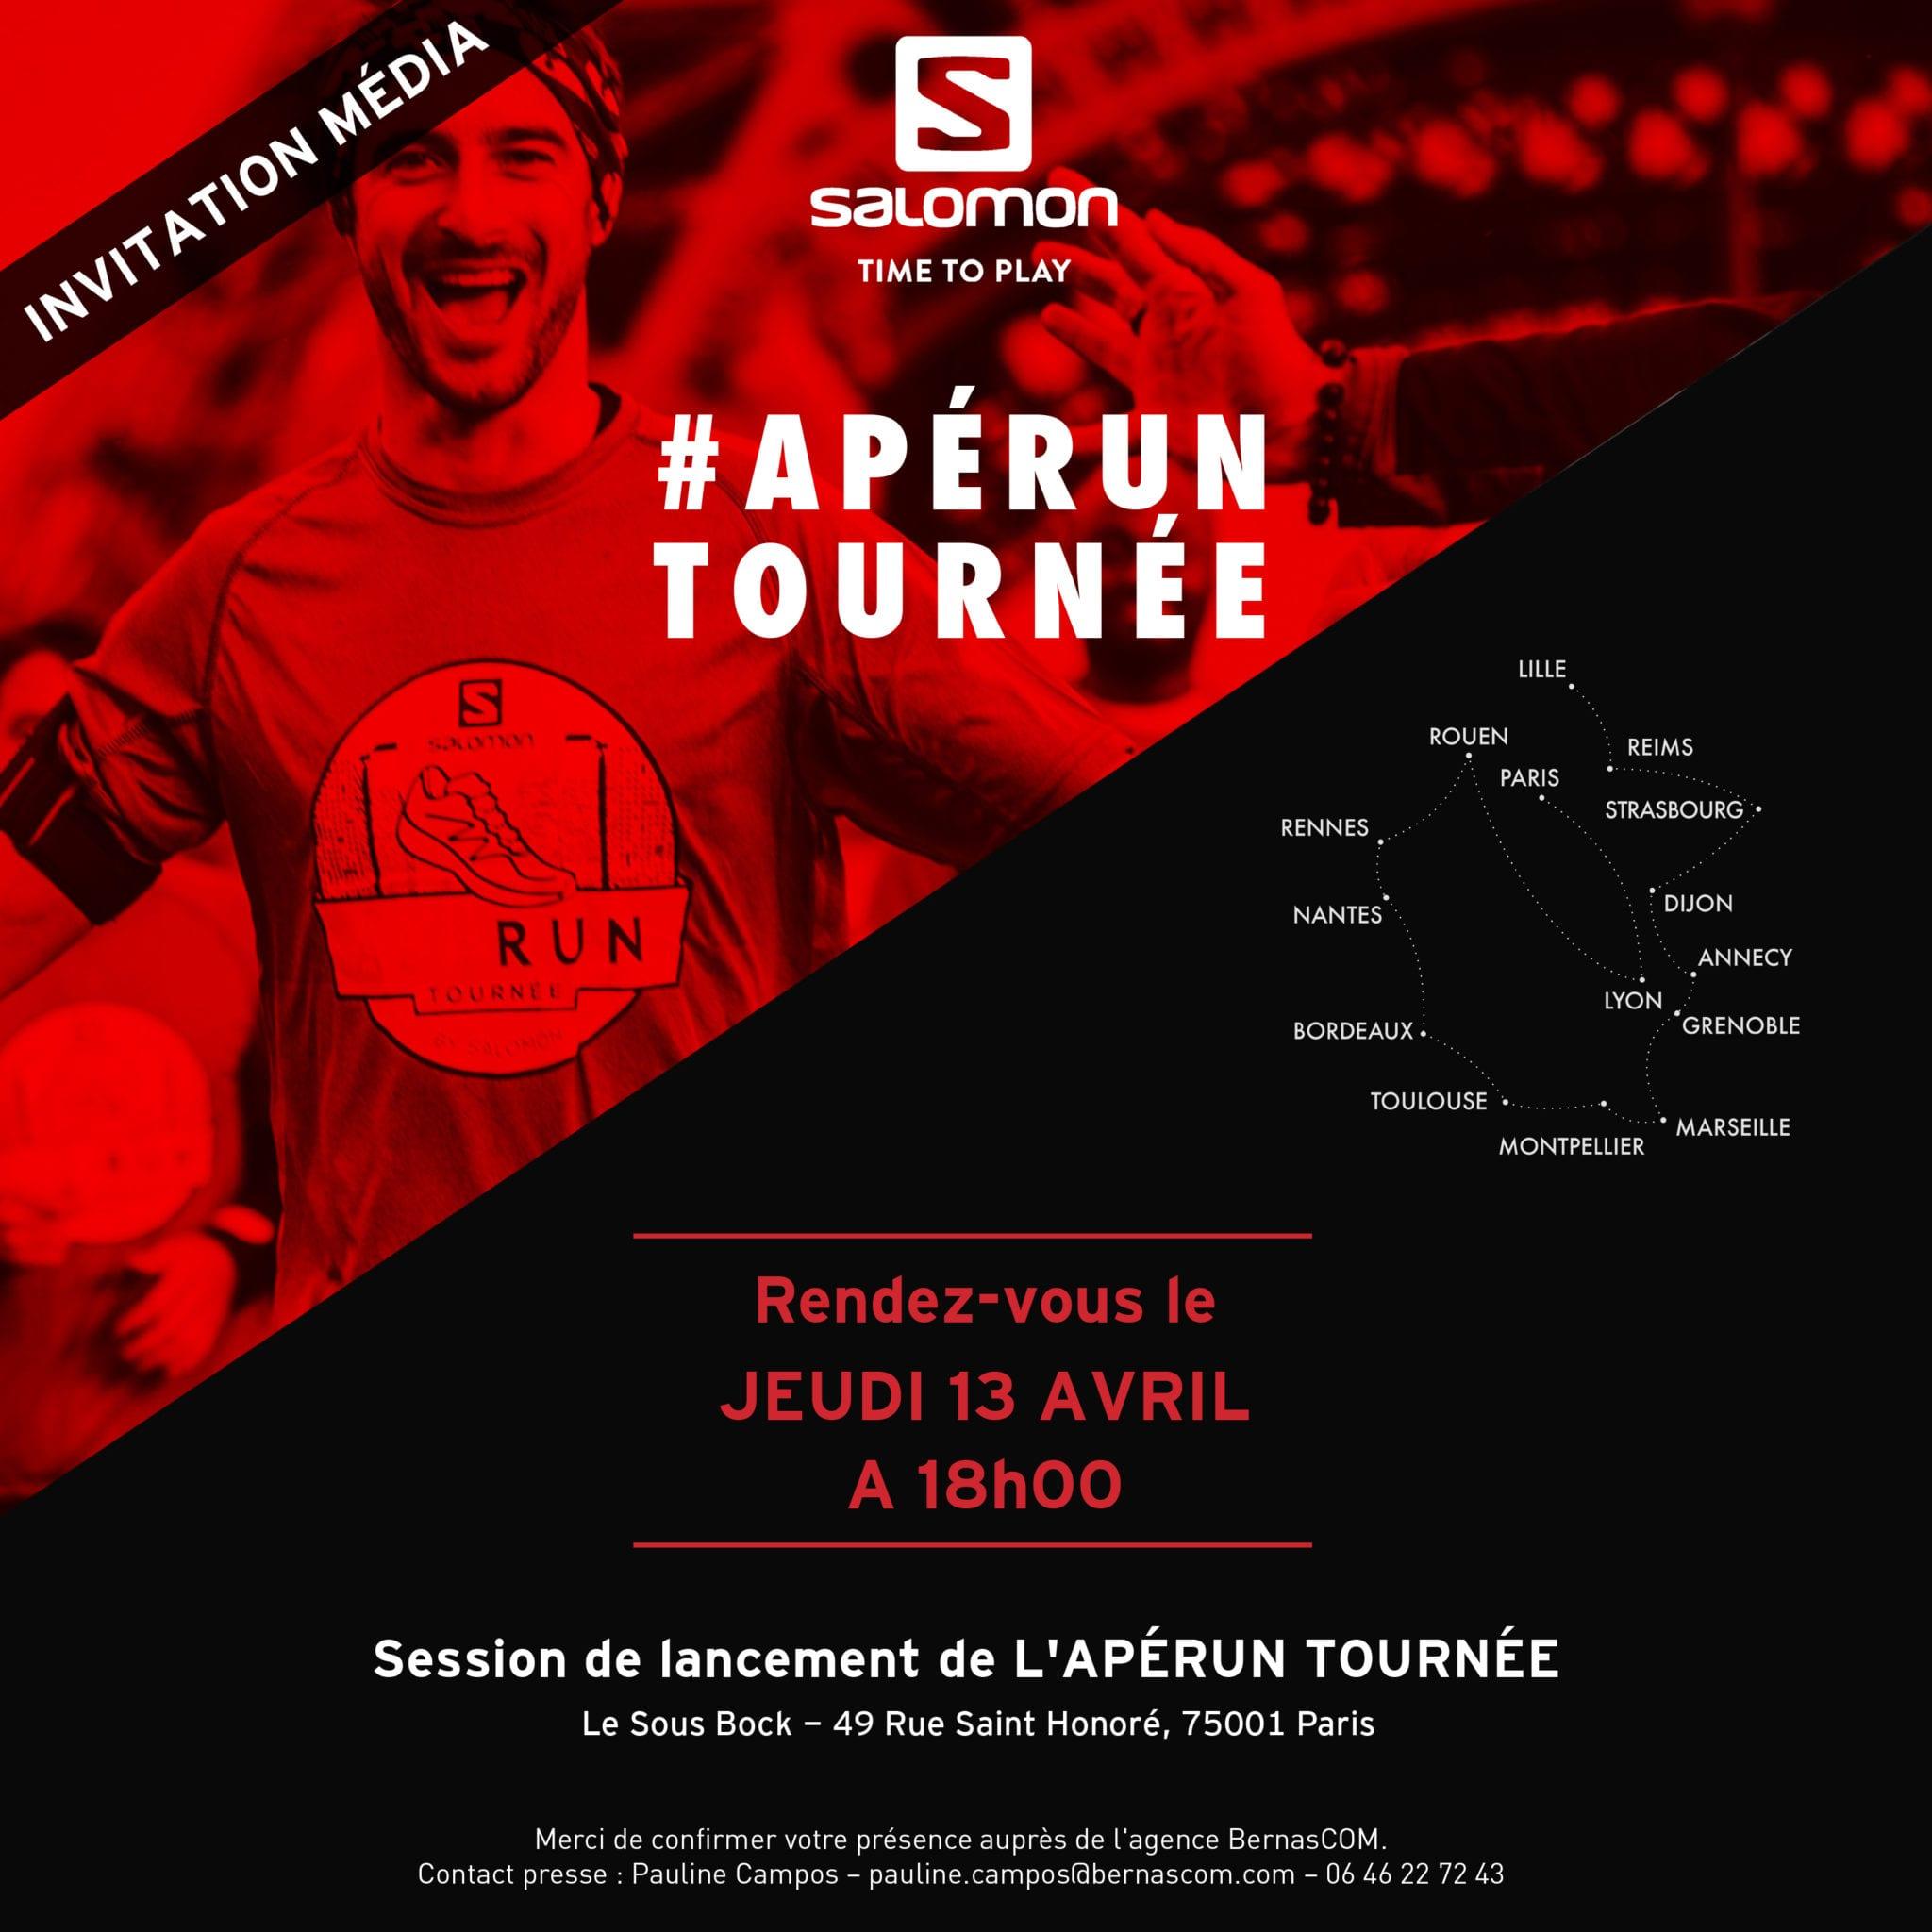 Apérun Tournée Salomon 2017 invitation